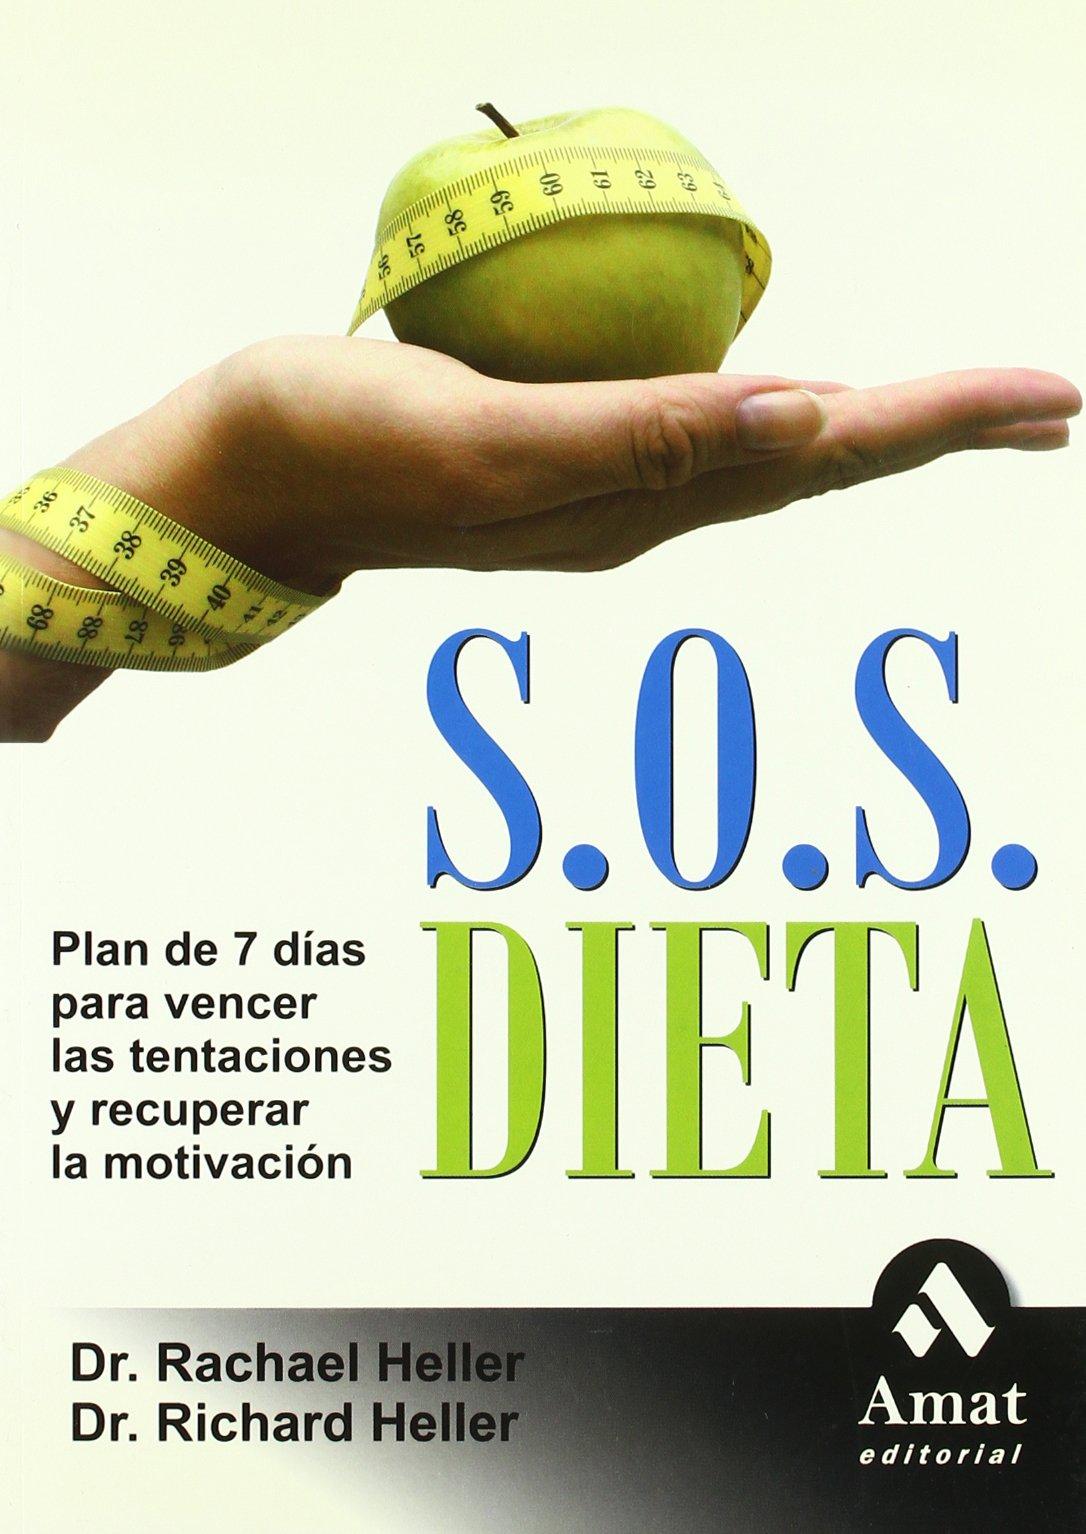 Plan de dieta de 7 días